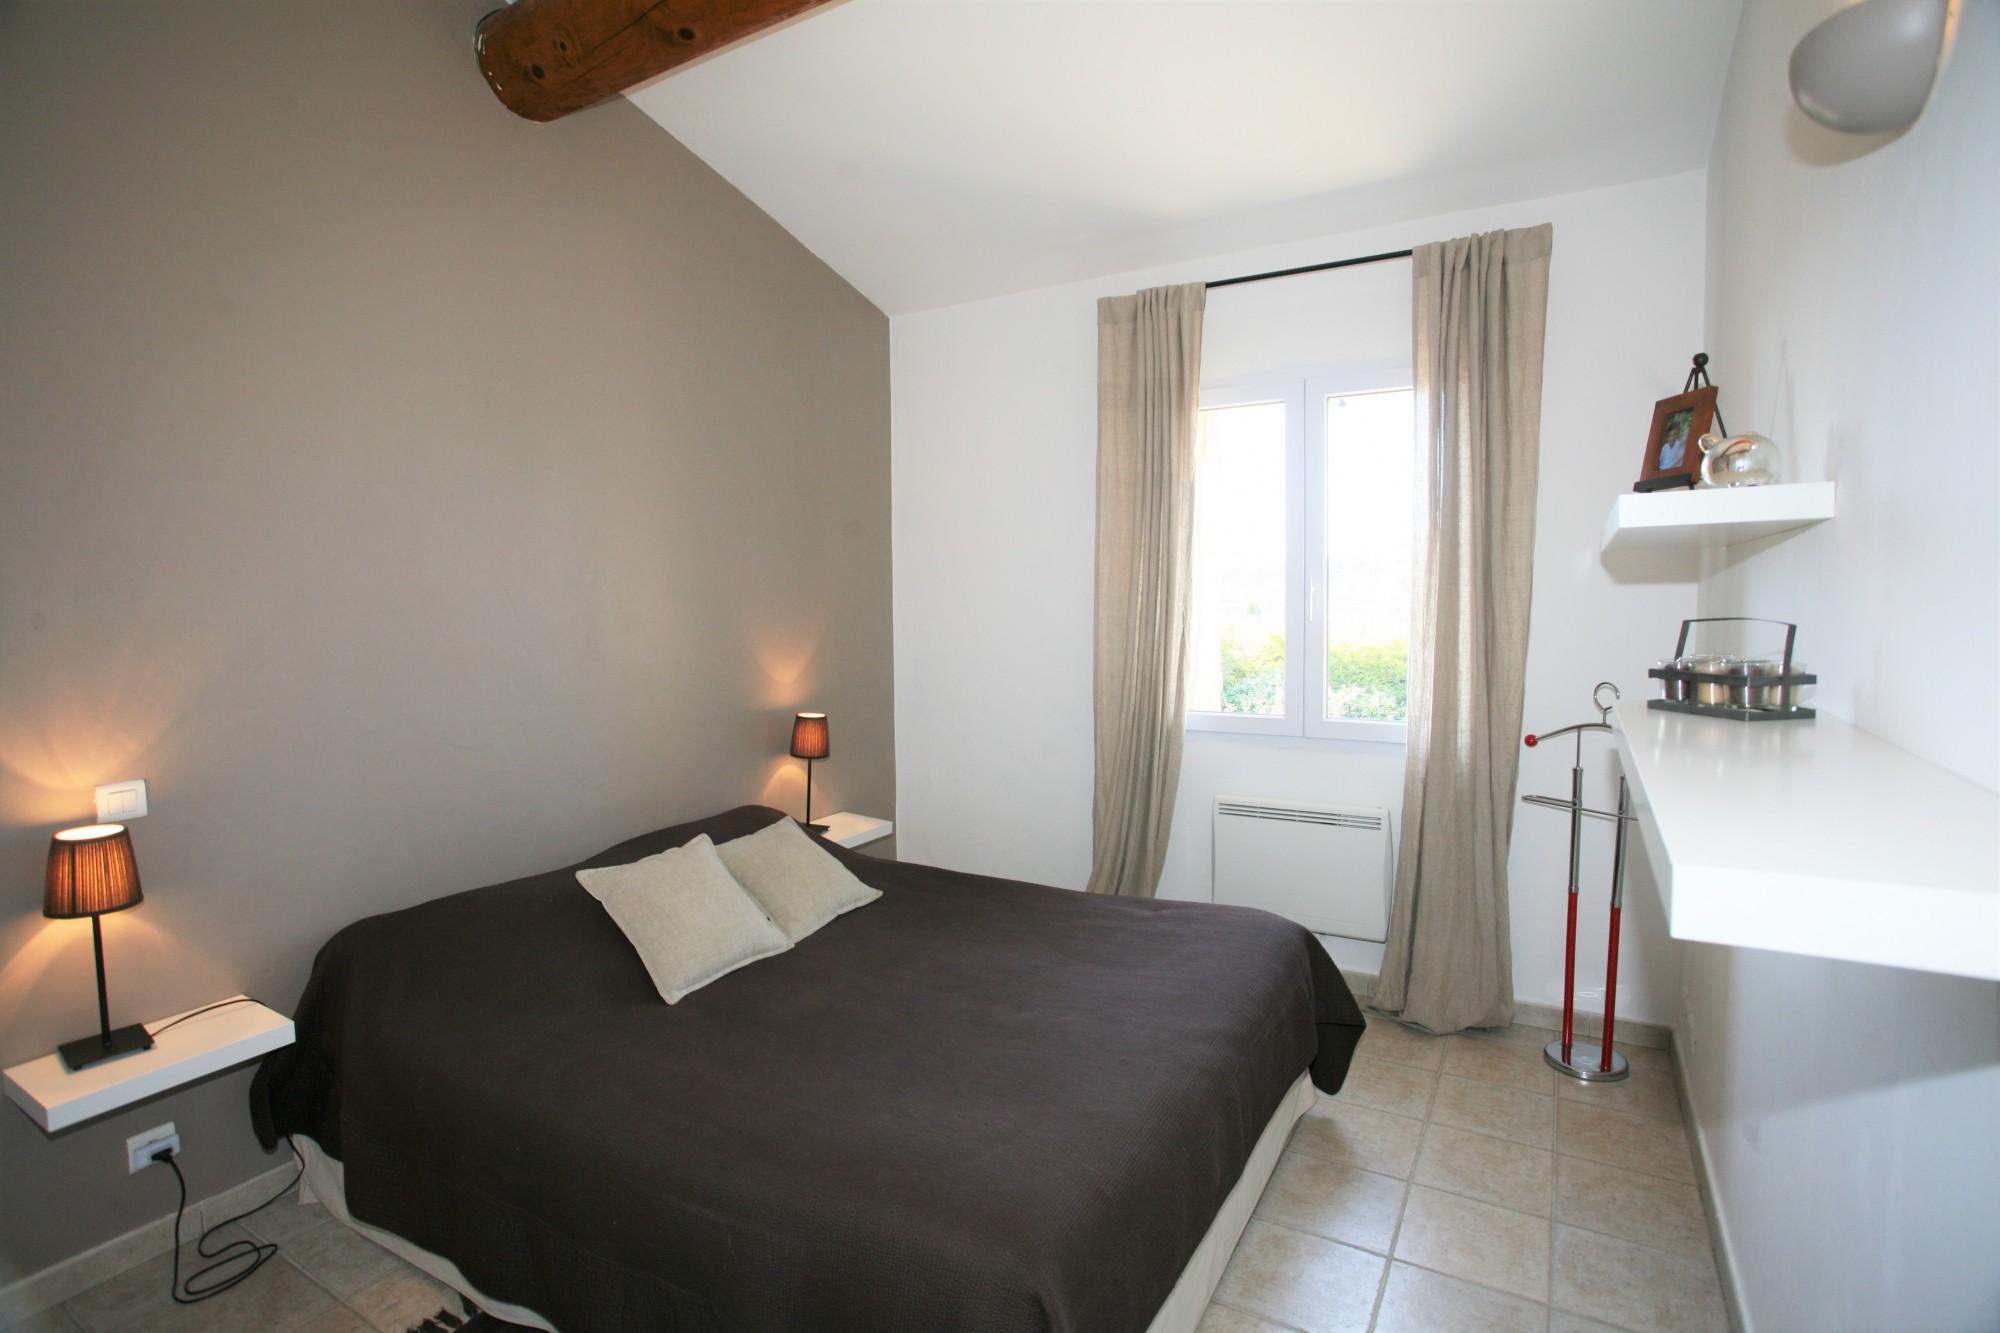 location Locations saisonnieres A louer en Provence, maison avec 4 chambres dans un petit hameau ...